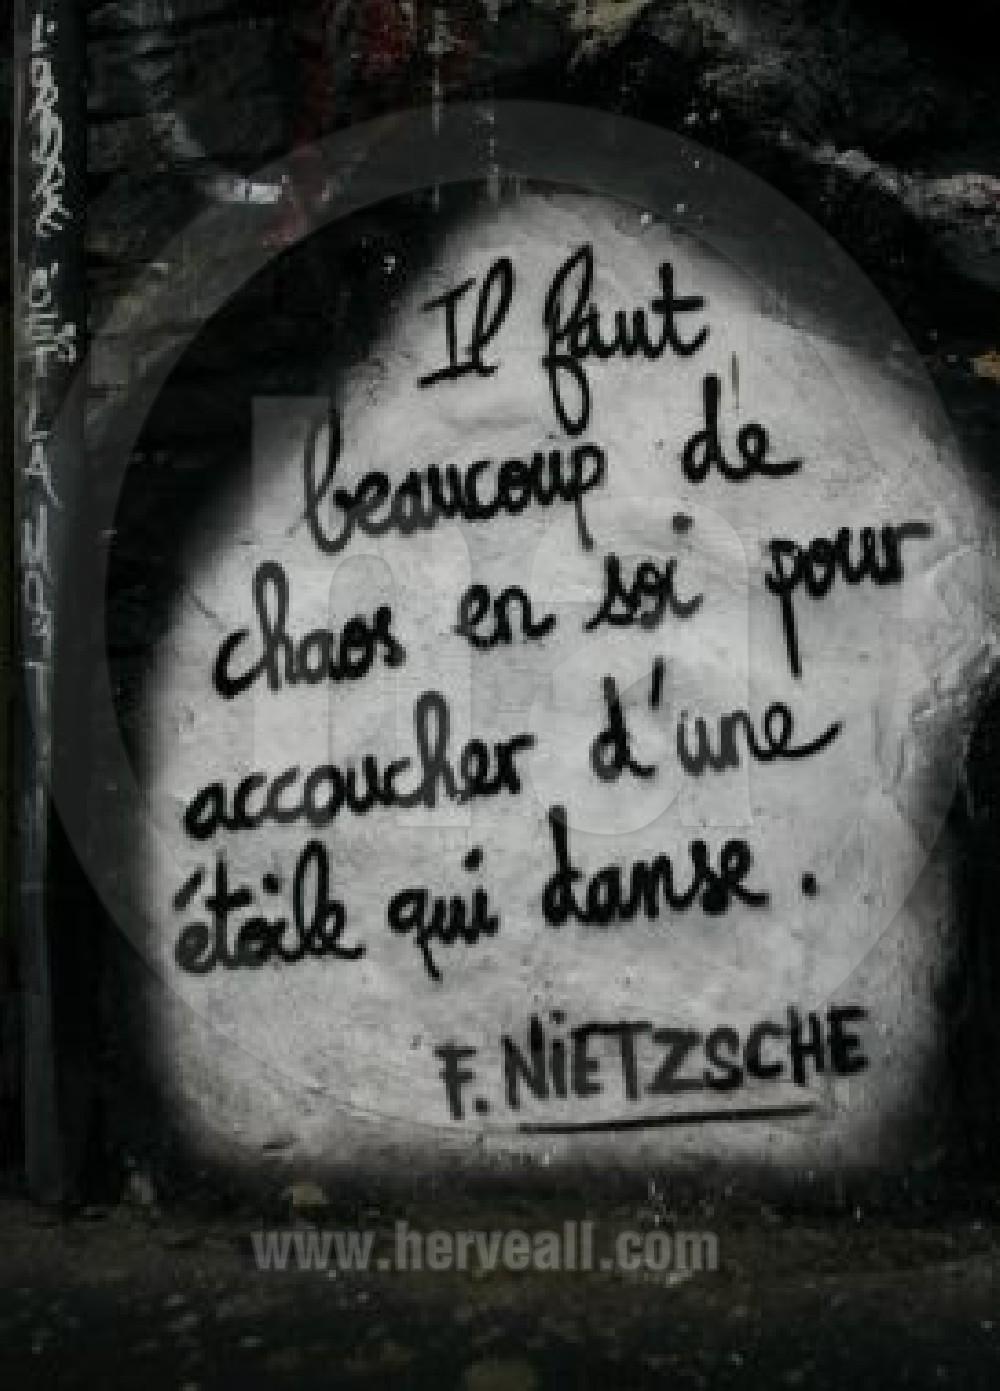 Citaten Nietzsche : Citation nietzsche ddc reportages abode of chaos